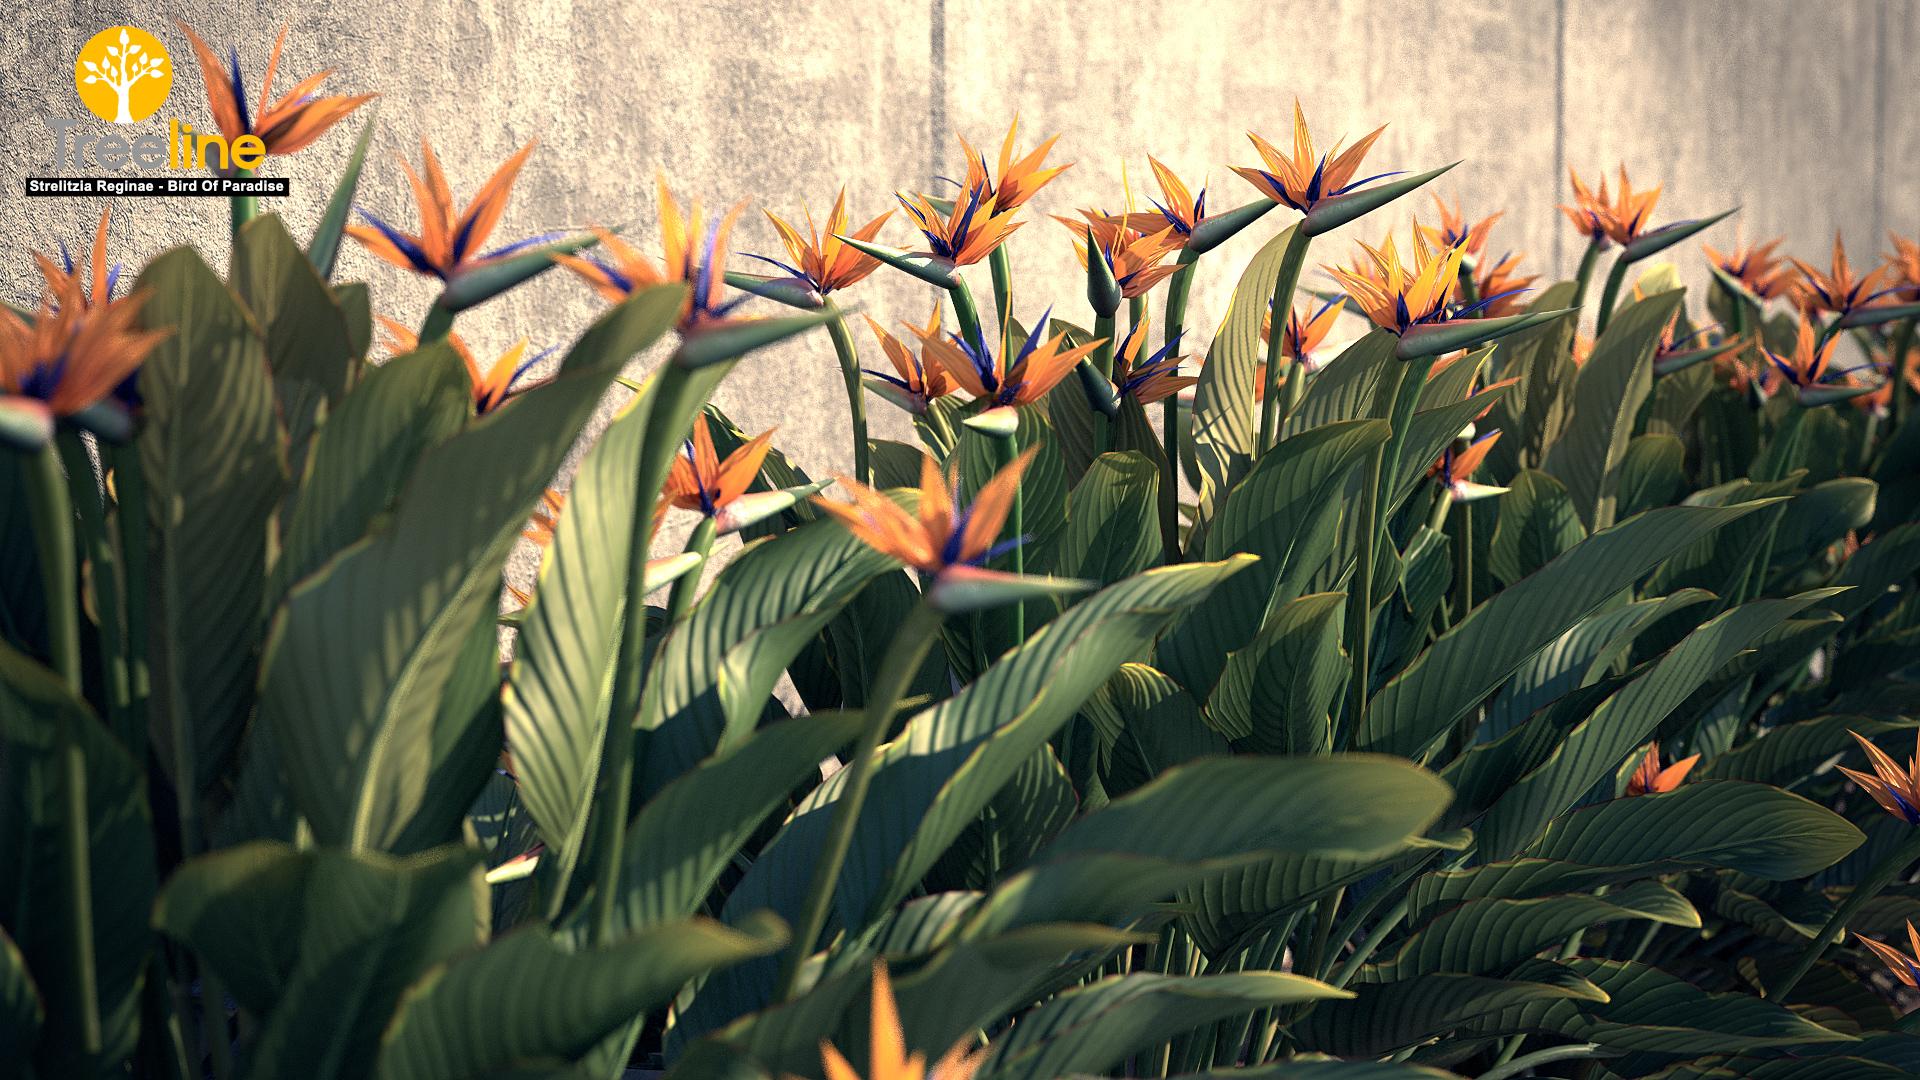 Strelitzia Reginae Bird Of Paradise 3dmk